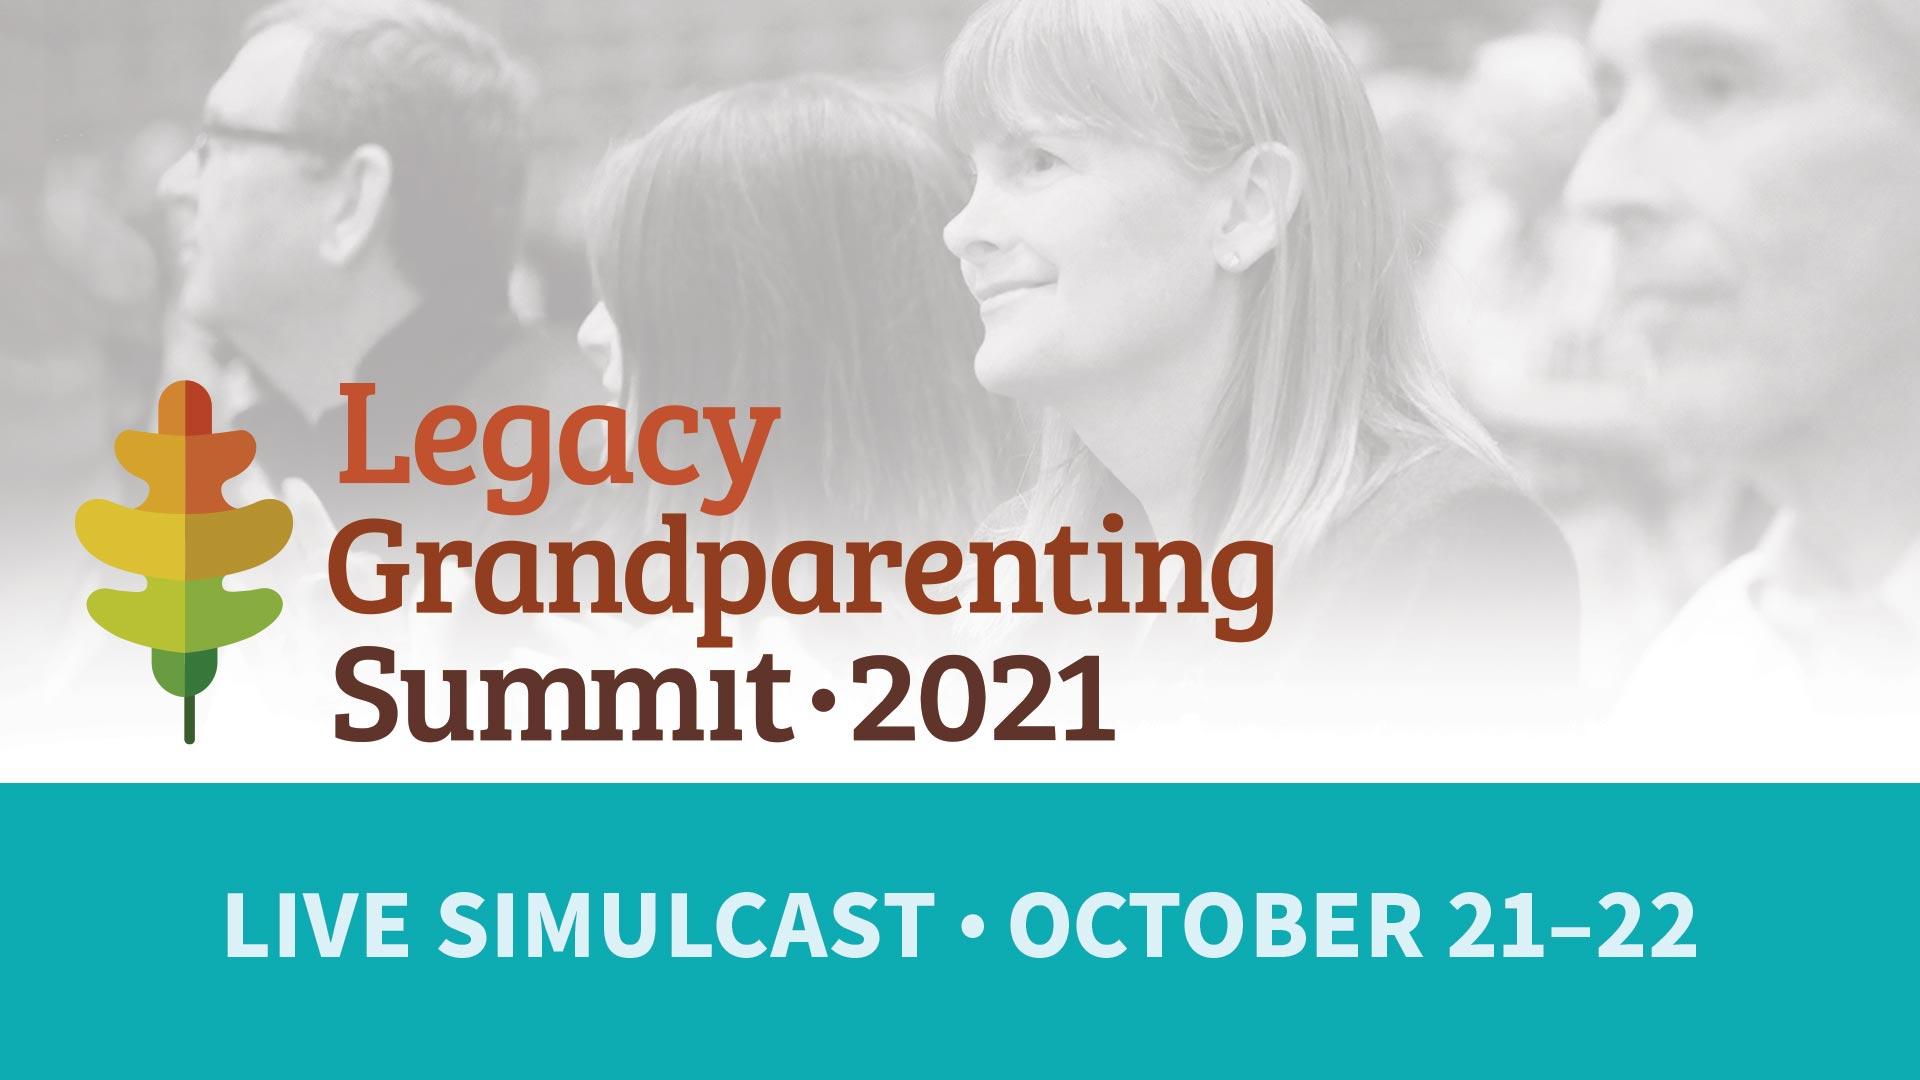 Cumbre de abuelos Legacy 2021